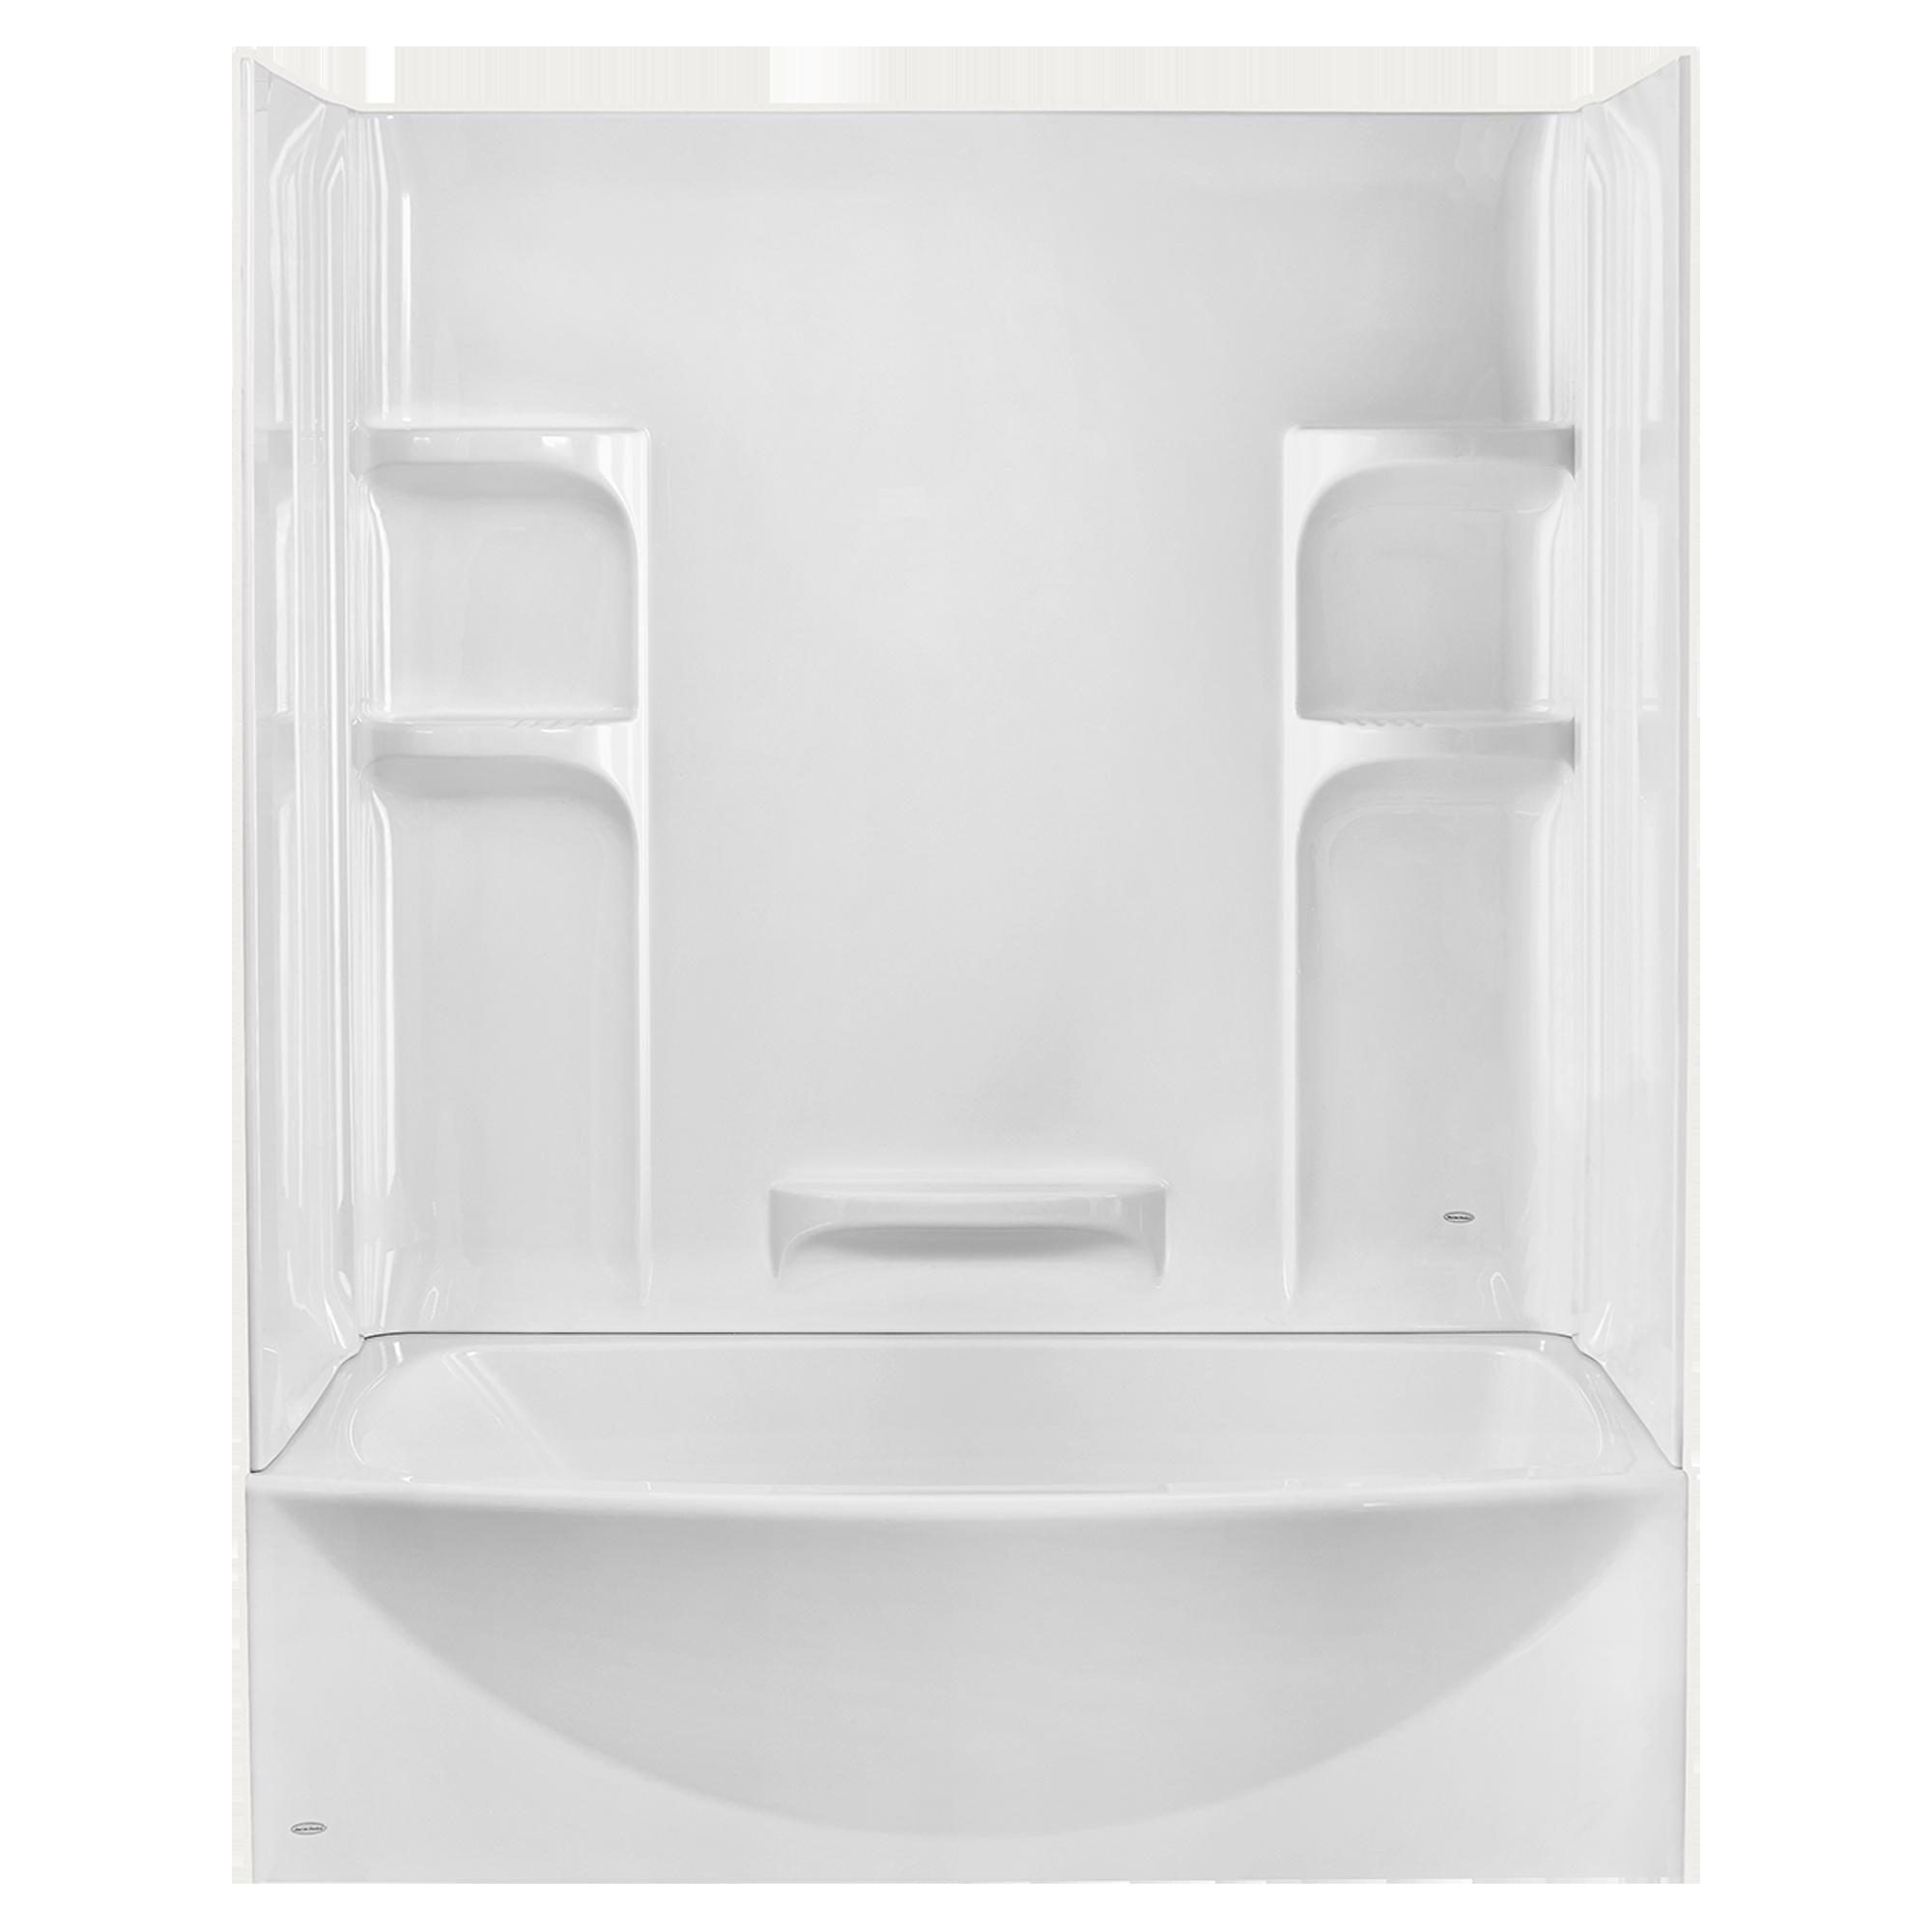 Bathtub 3 Piece Surround • Bathtub Ideas